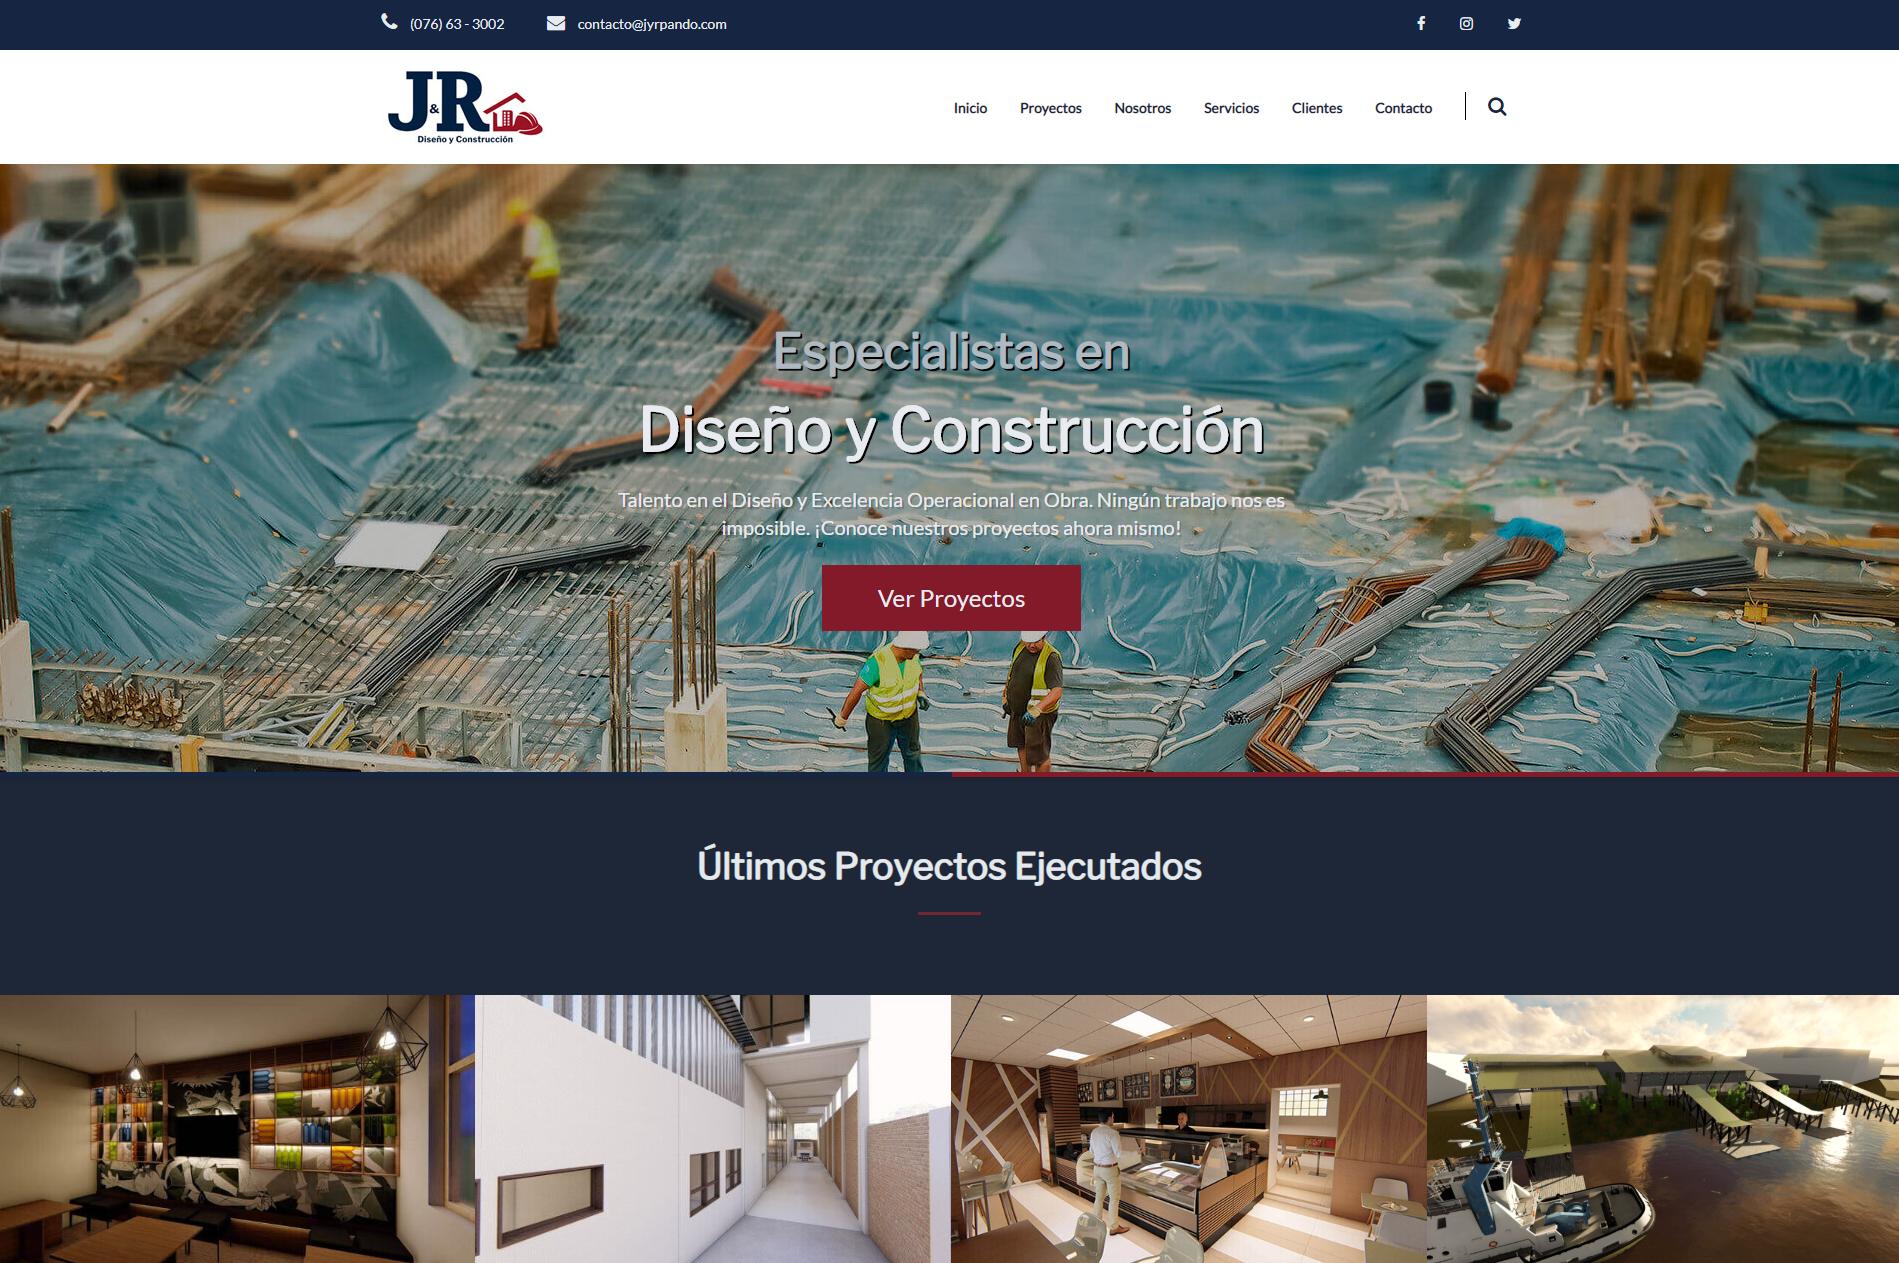 JyR Diseño y Construcción